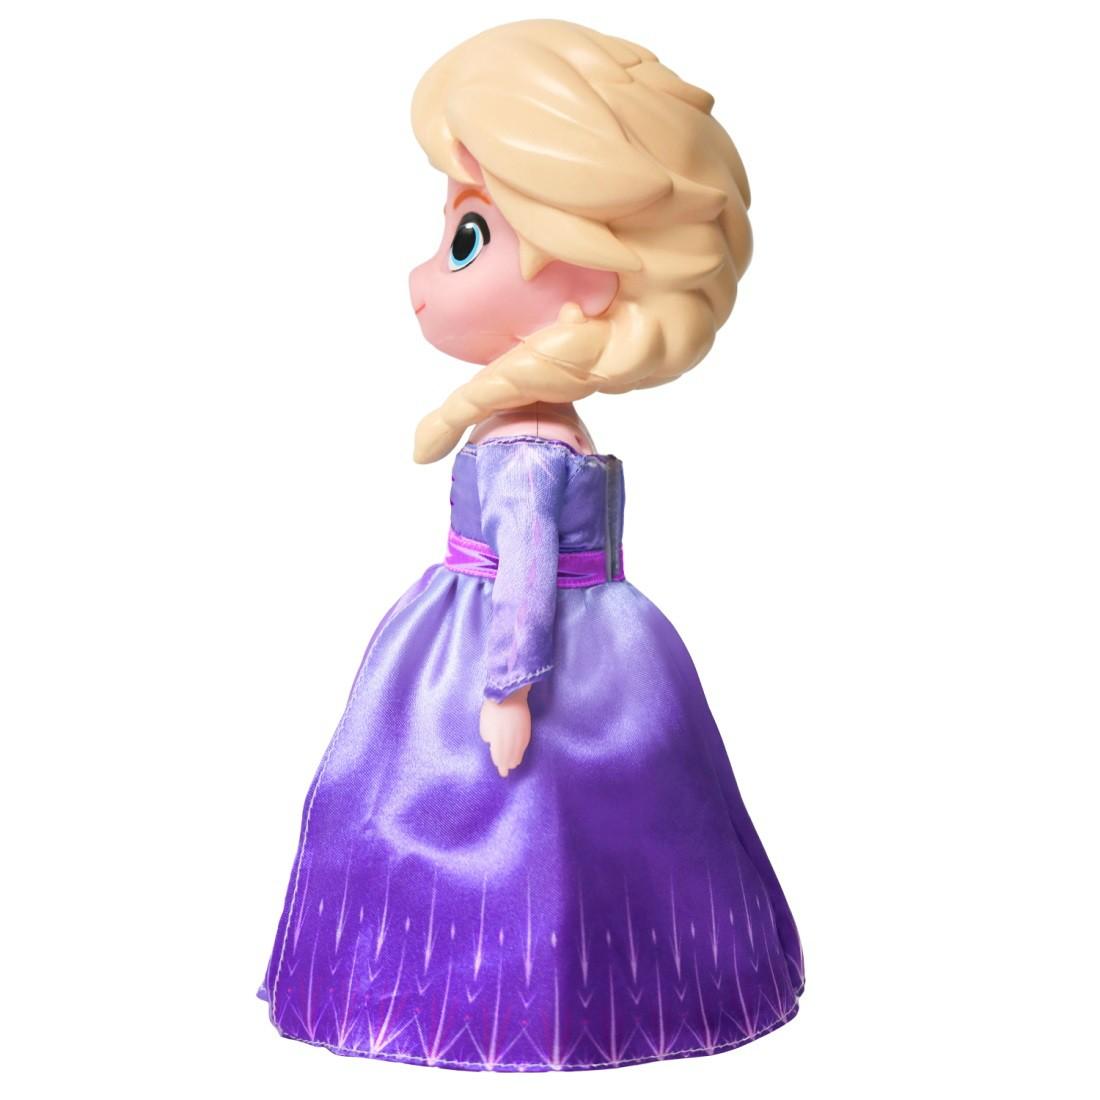 Boneca Dançarina Elsa Frozen 2 Disney com Luzes e Música do Filme